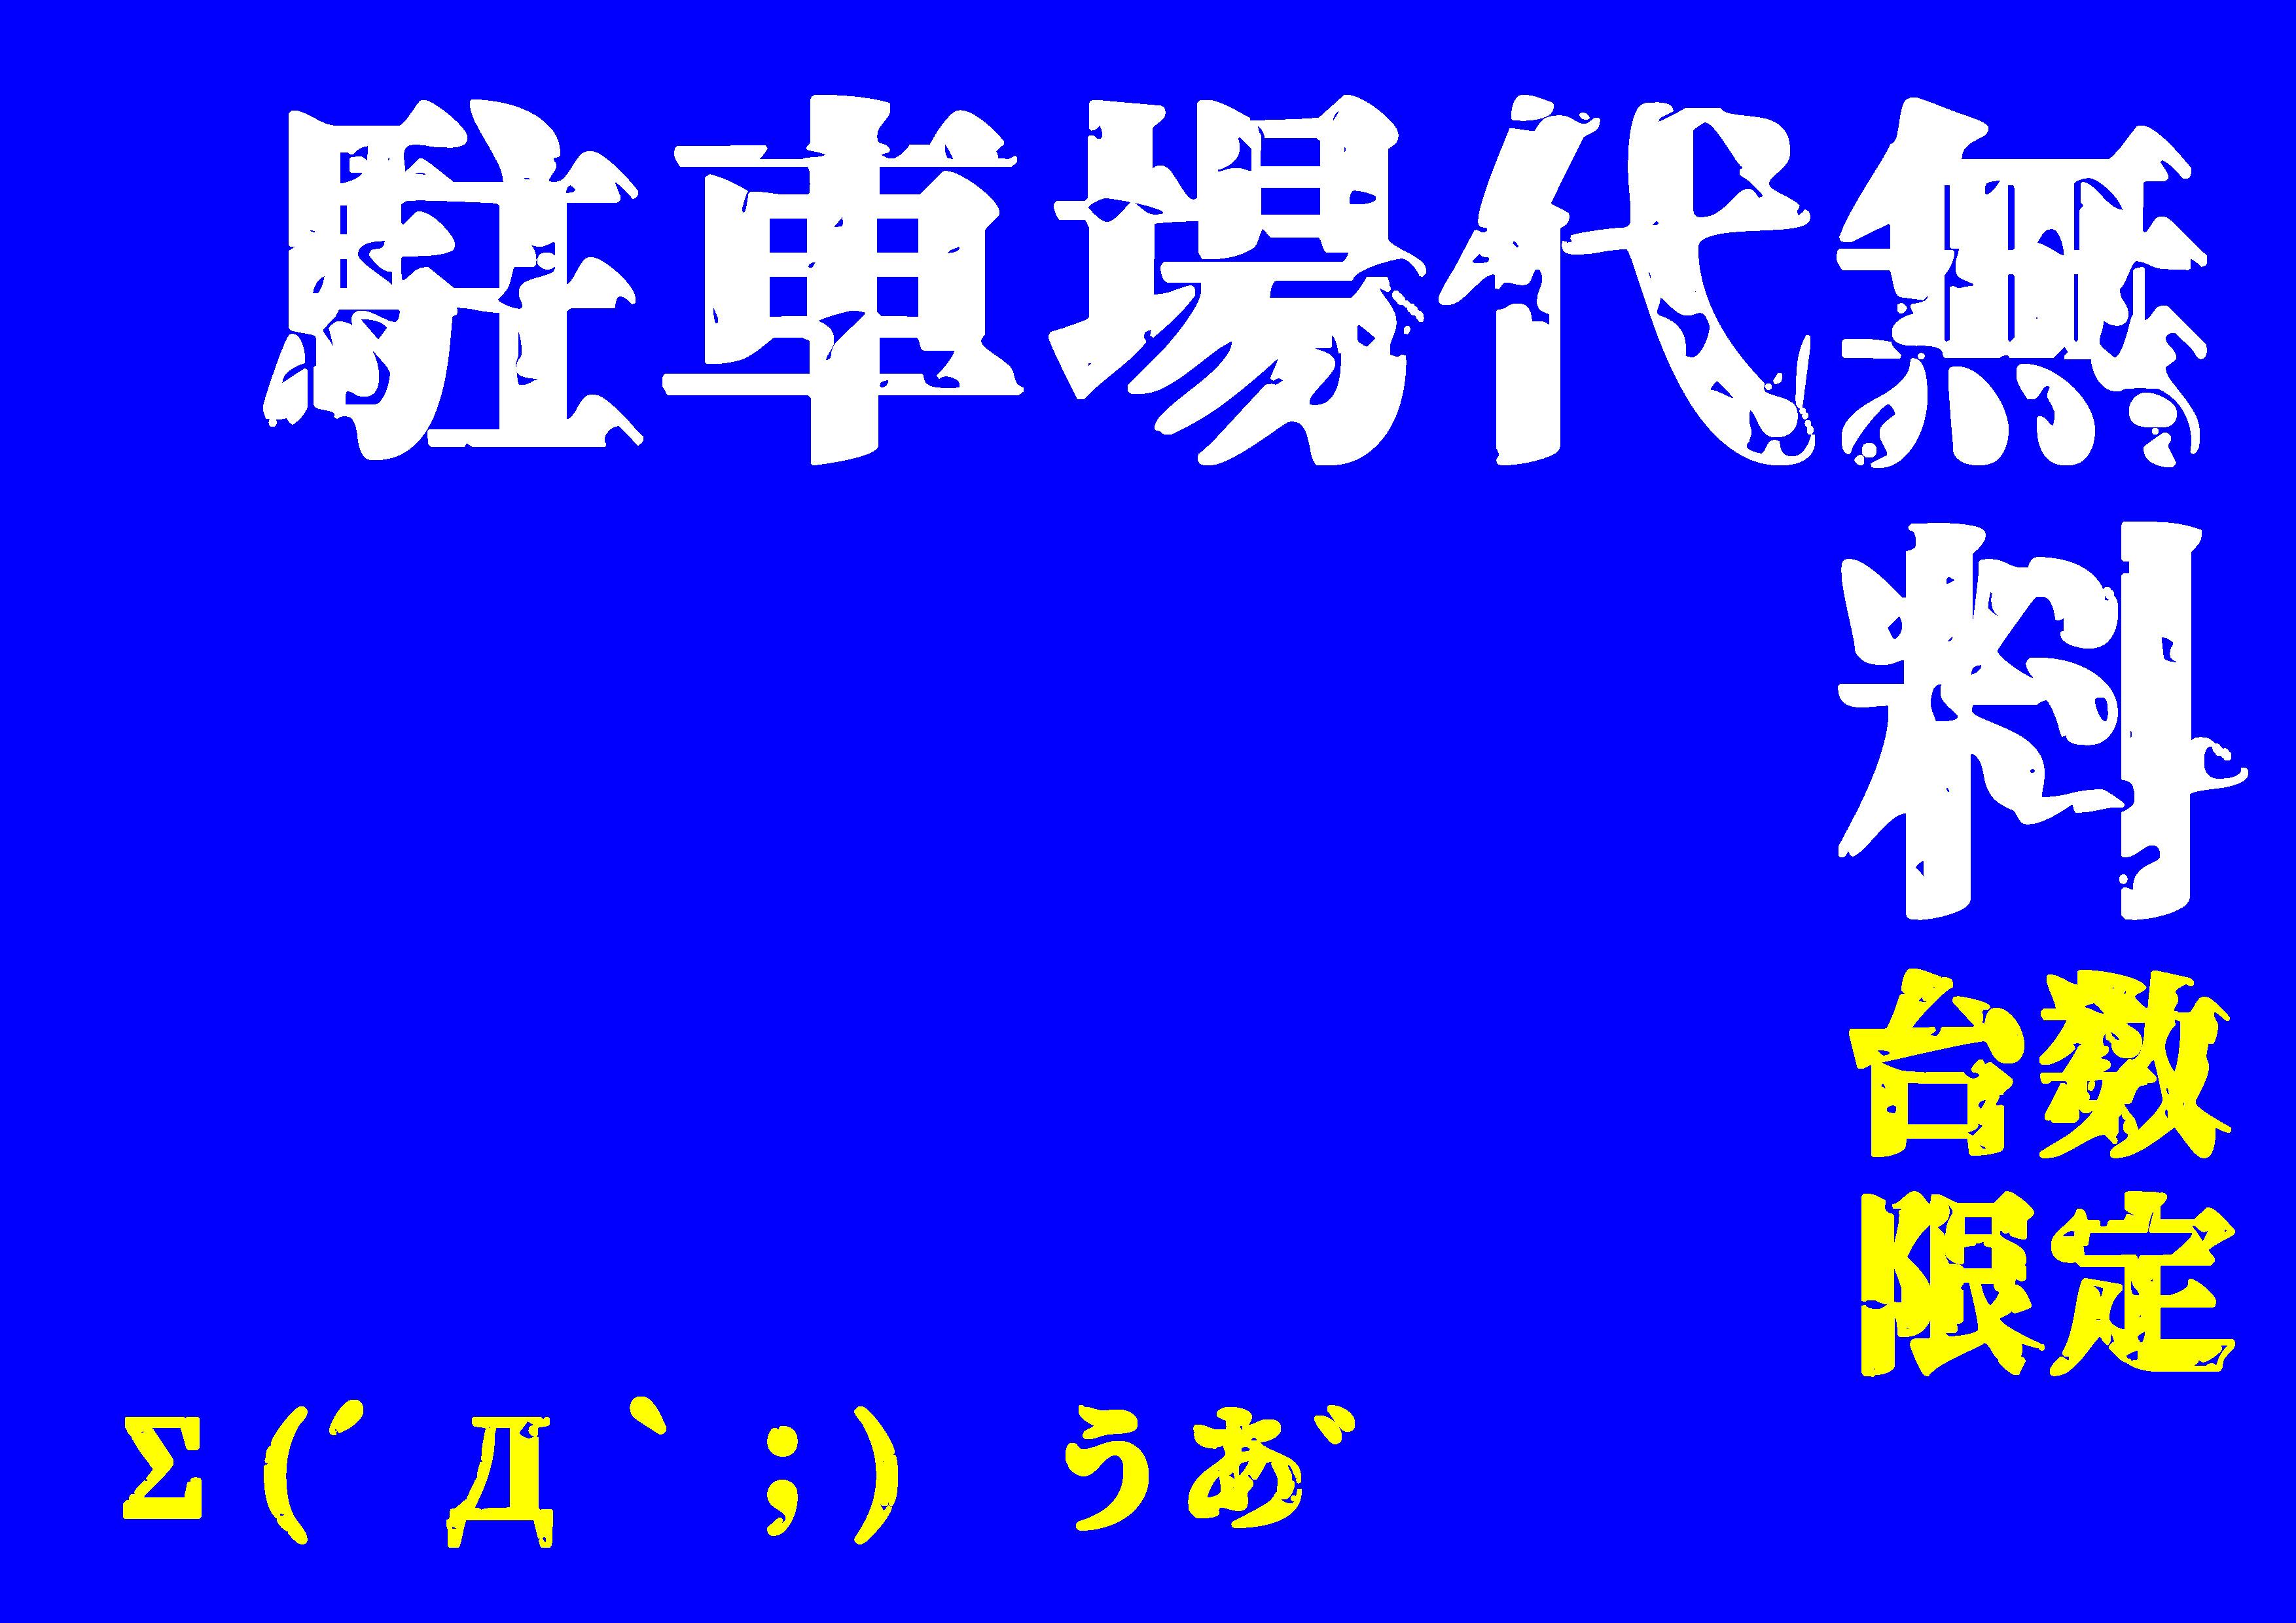 1/27 日曜日・・・